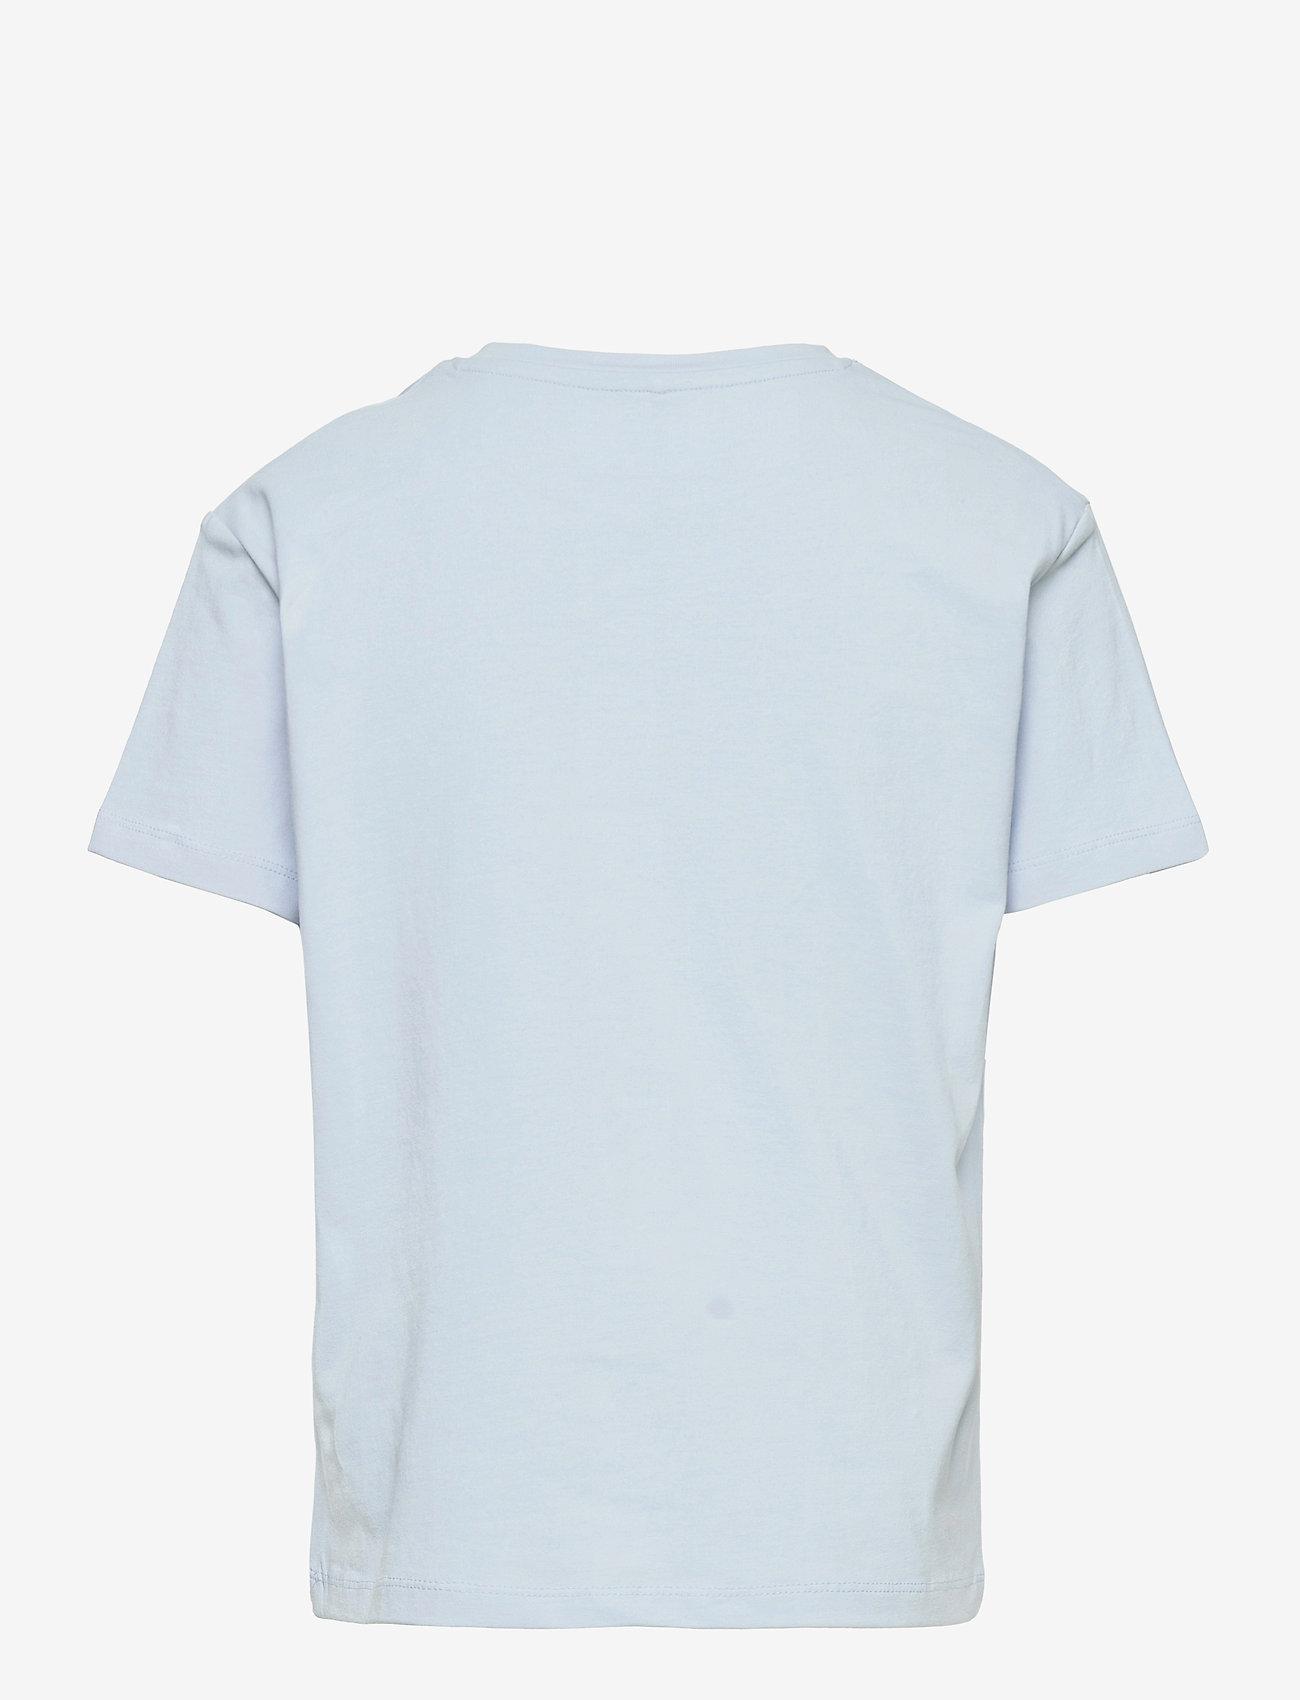 name it - NKFMENTOS ALEXA LOOSE SS TOP VDE - t-shirts - skyway - 1